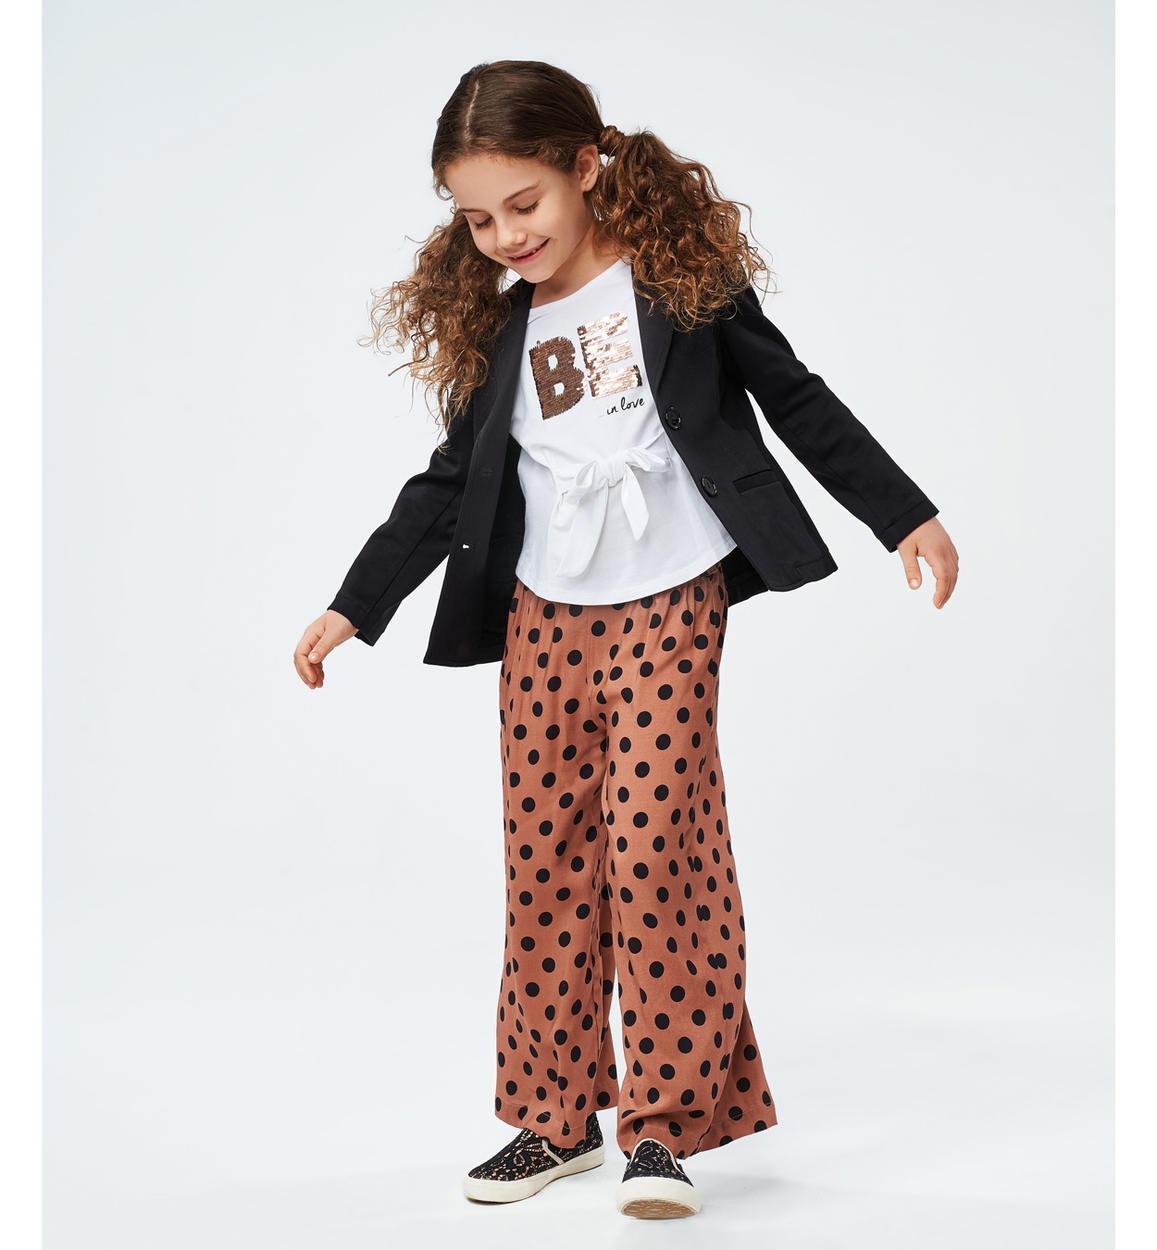 pantalone a palazzo con pois per bambina marrone dettaglio 04 2564j52300 6ml5 150x150